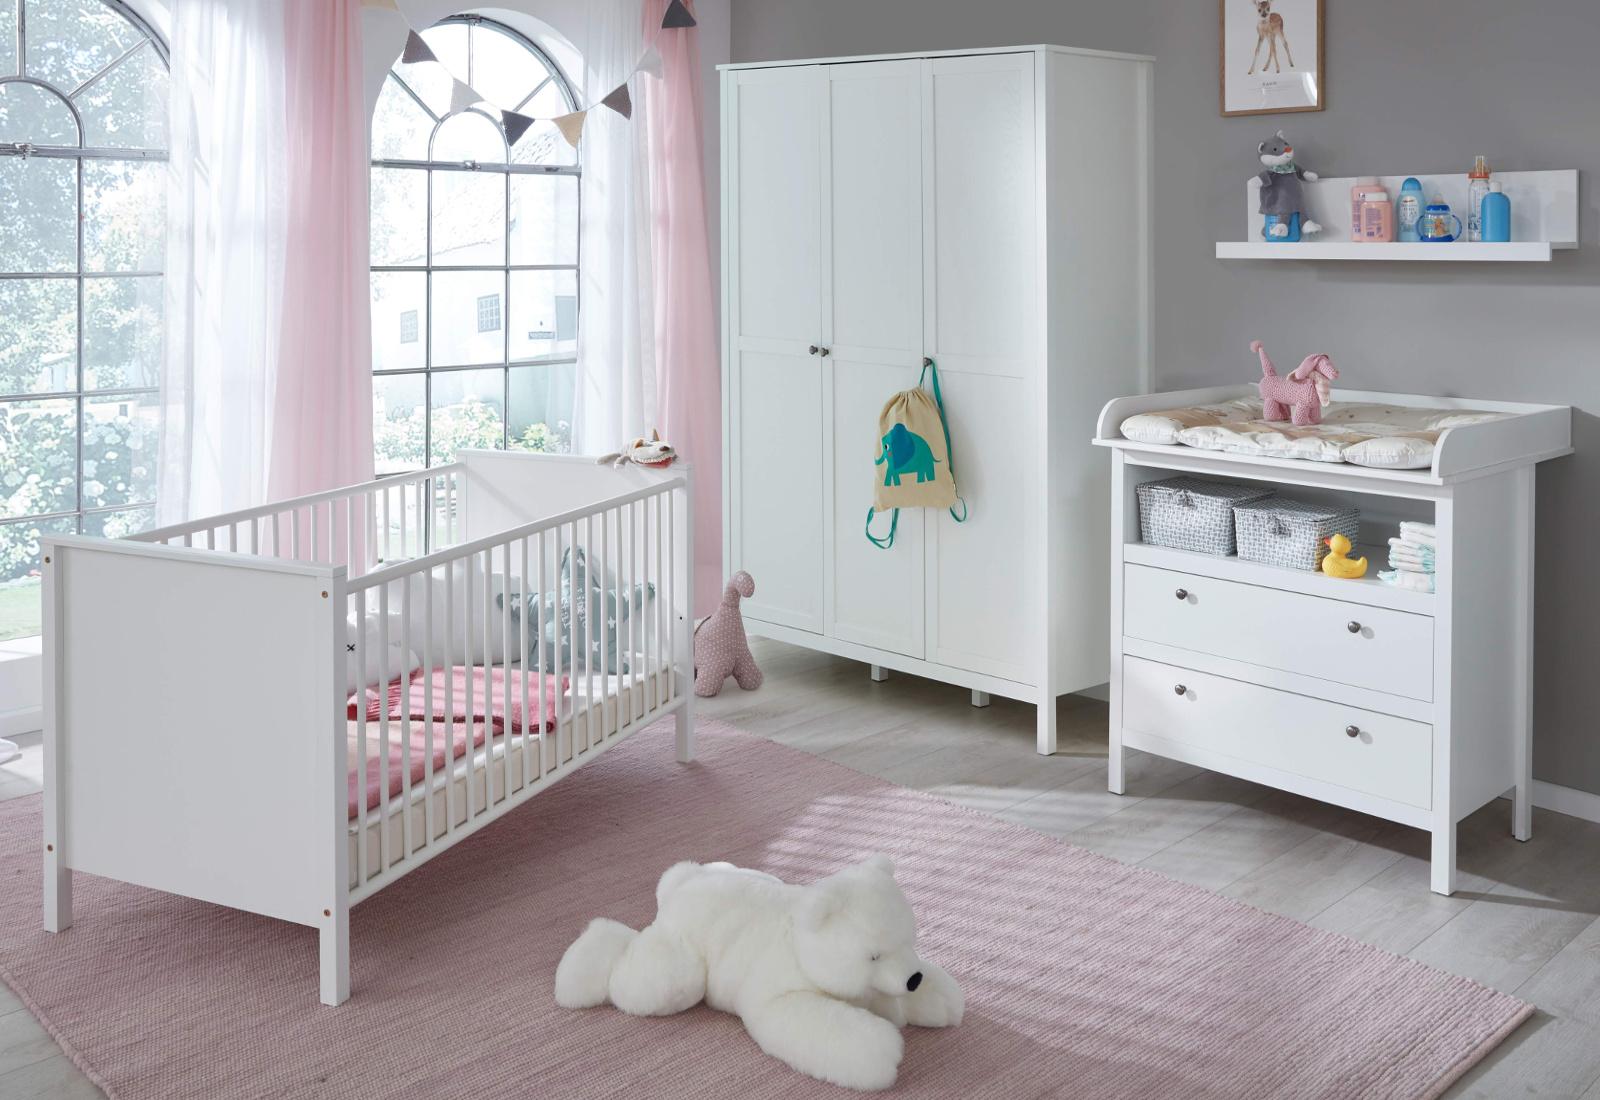 Full Size of Kinderzimmer Komplett Günstig Betten Kaufen 180x200 Esstisch Mit 4 Stühlen Schlafzimmer Günstiges Sofa Küche Elektrogeräten Xxl Günstige Regale Kinderzimmer Kinderzimmer Komplett Günstig